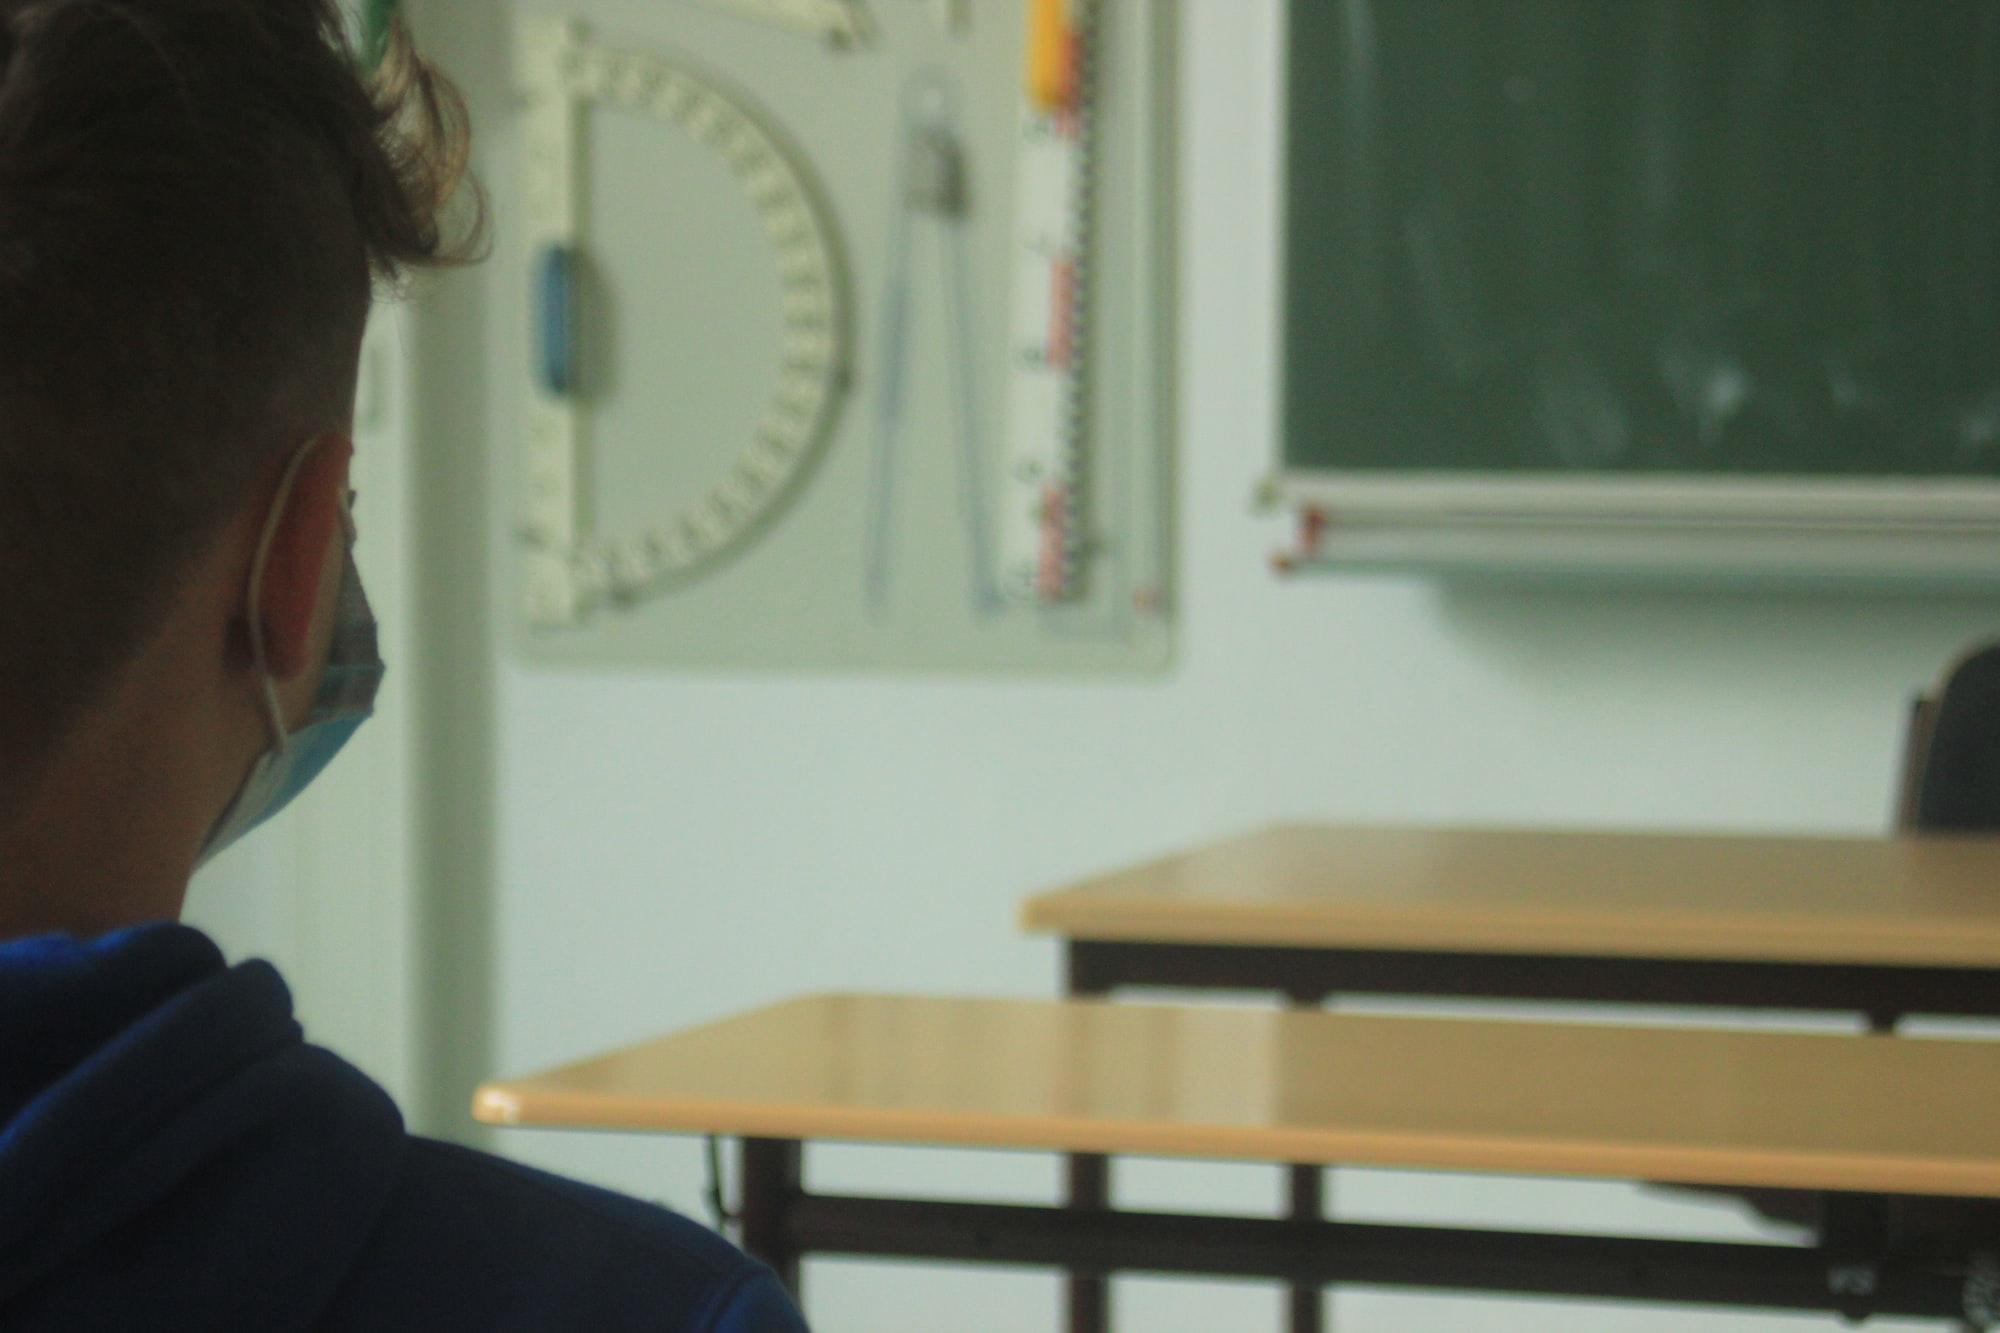 Niedersachsens Schulen starten in 2021 mit dem Wechselunterricht - die NBC ist vorbereitet